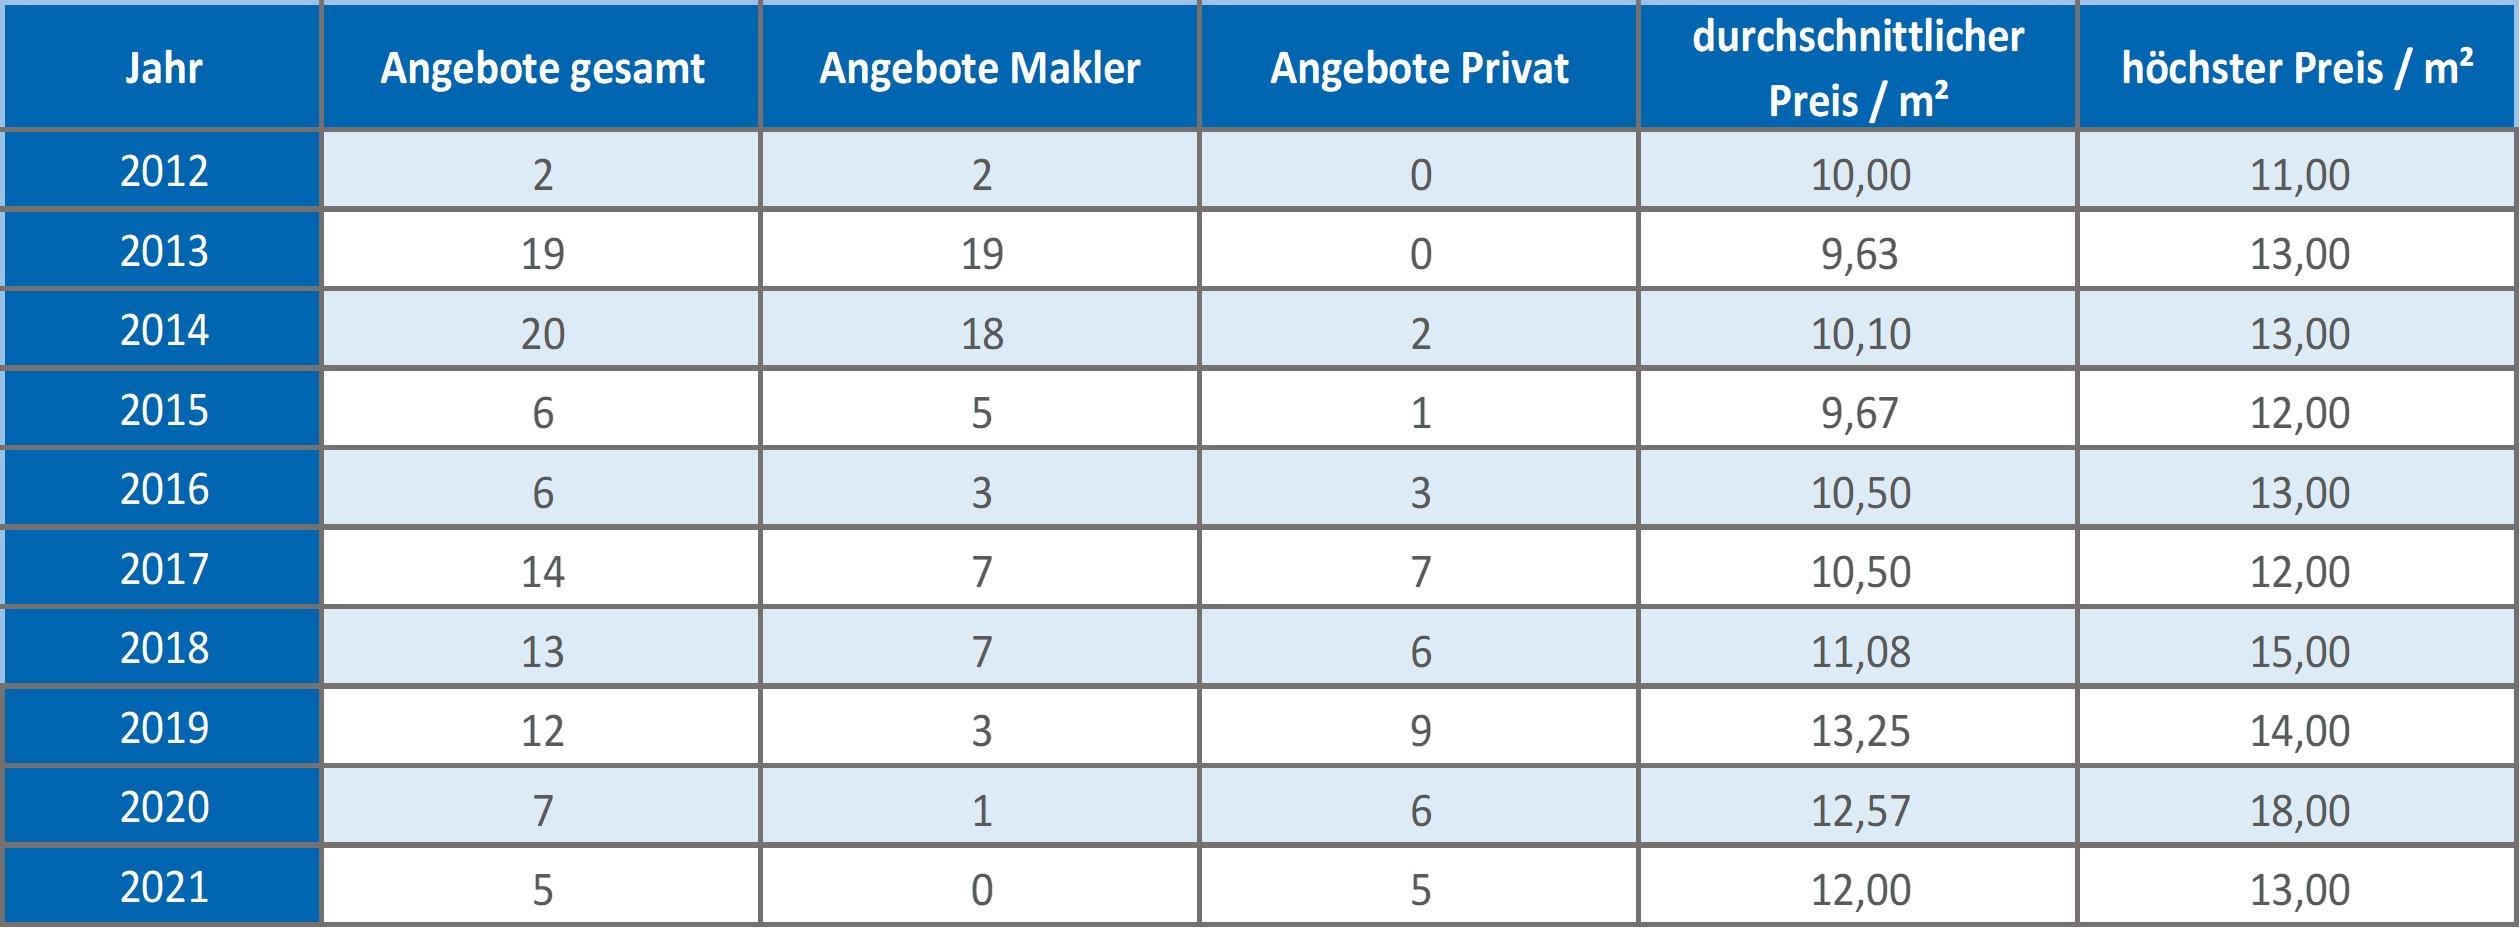 Waakirchen wohnung mieten vermieten Preis Bewertung Makler www.happy-immo.de 2019 2020 2021